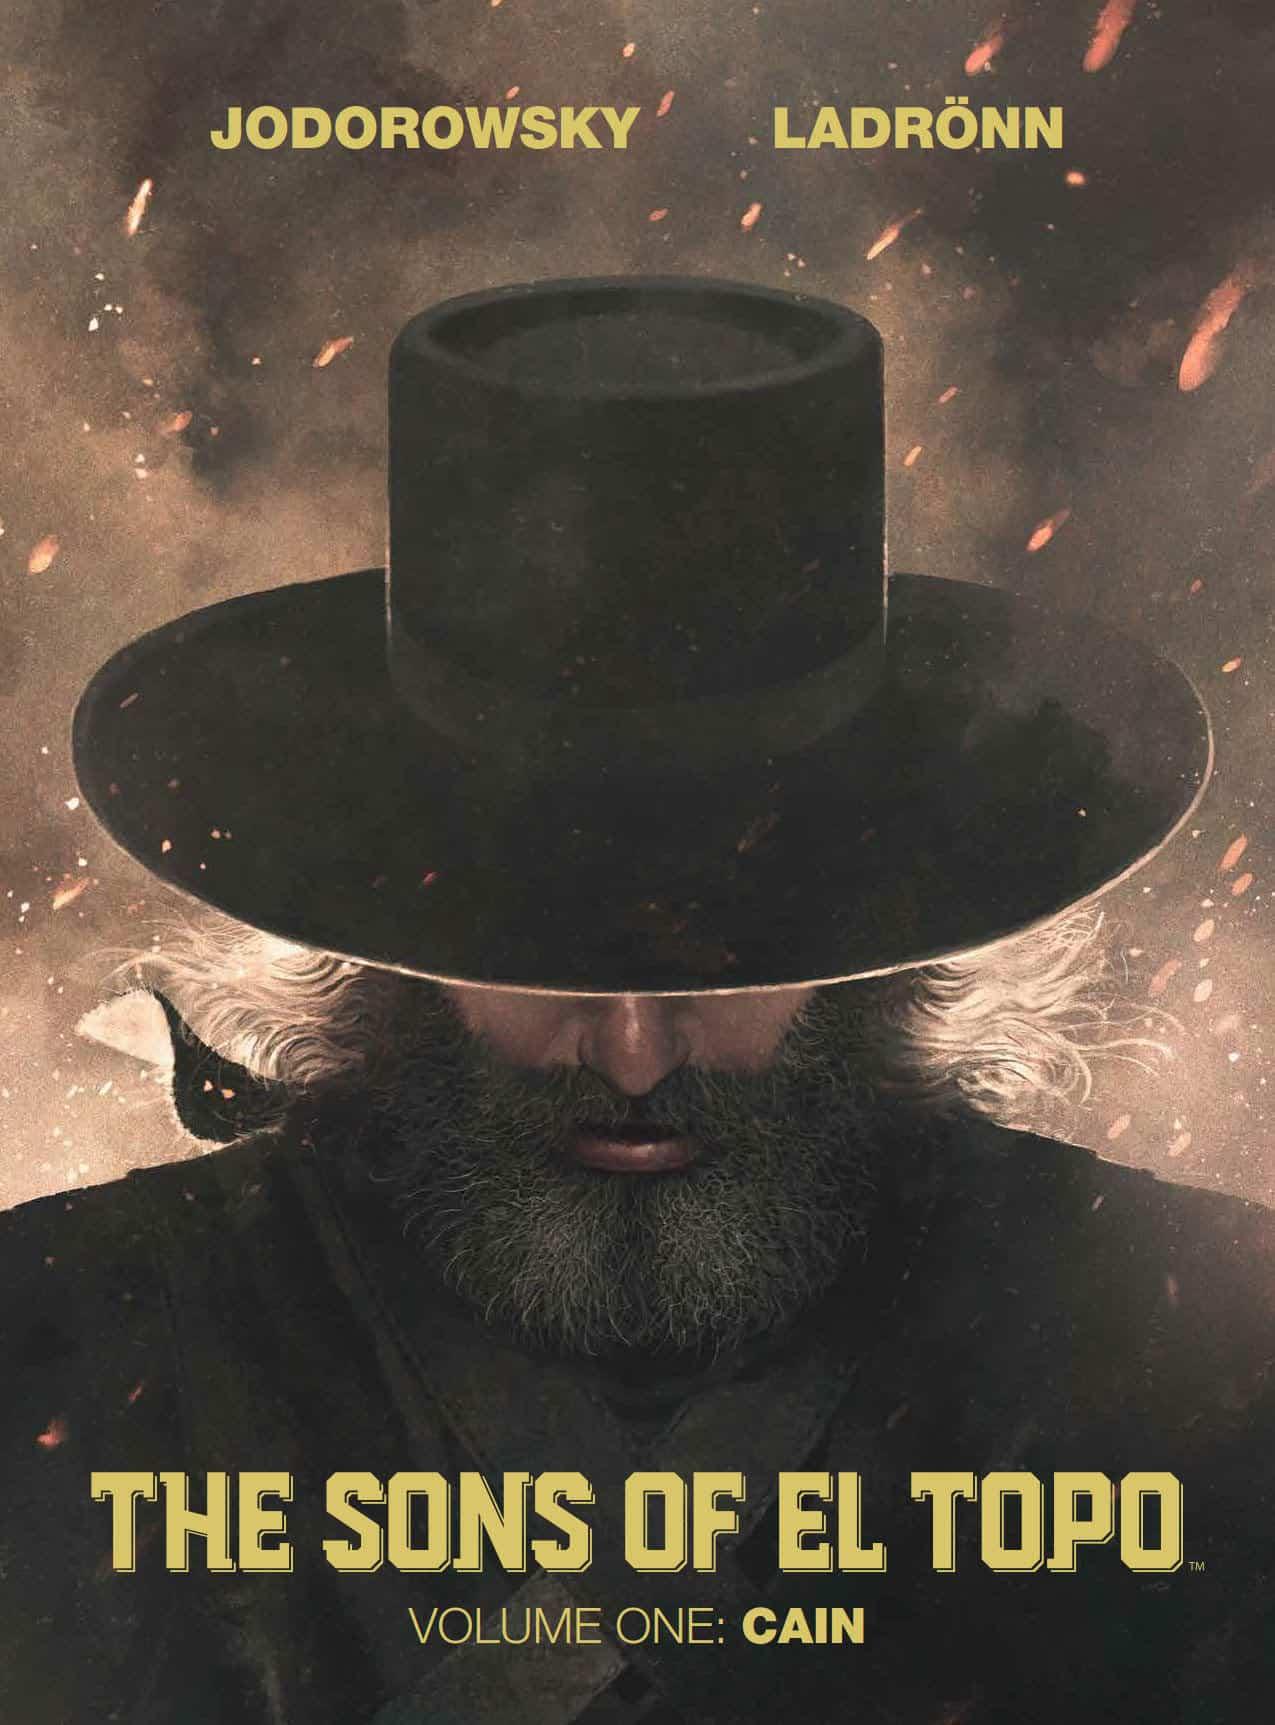 The Sons Of El Topo Vol. 1: Cain OGN HC